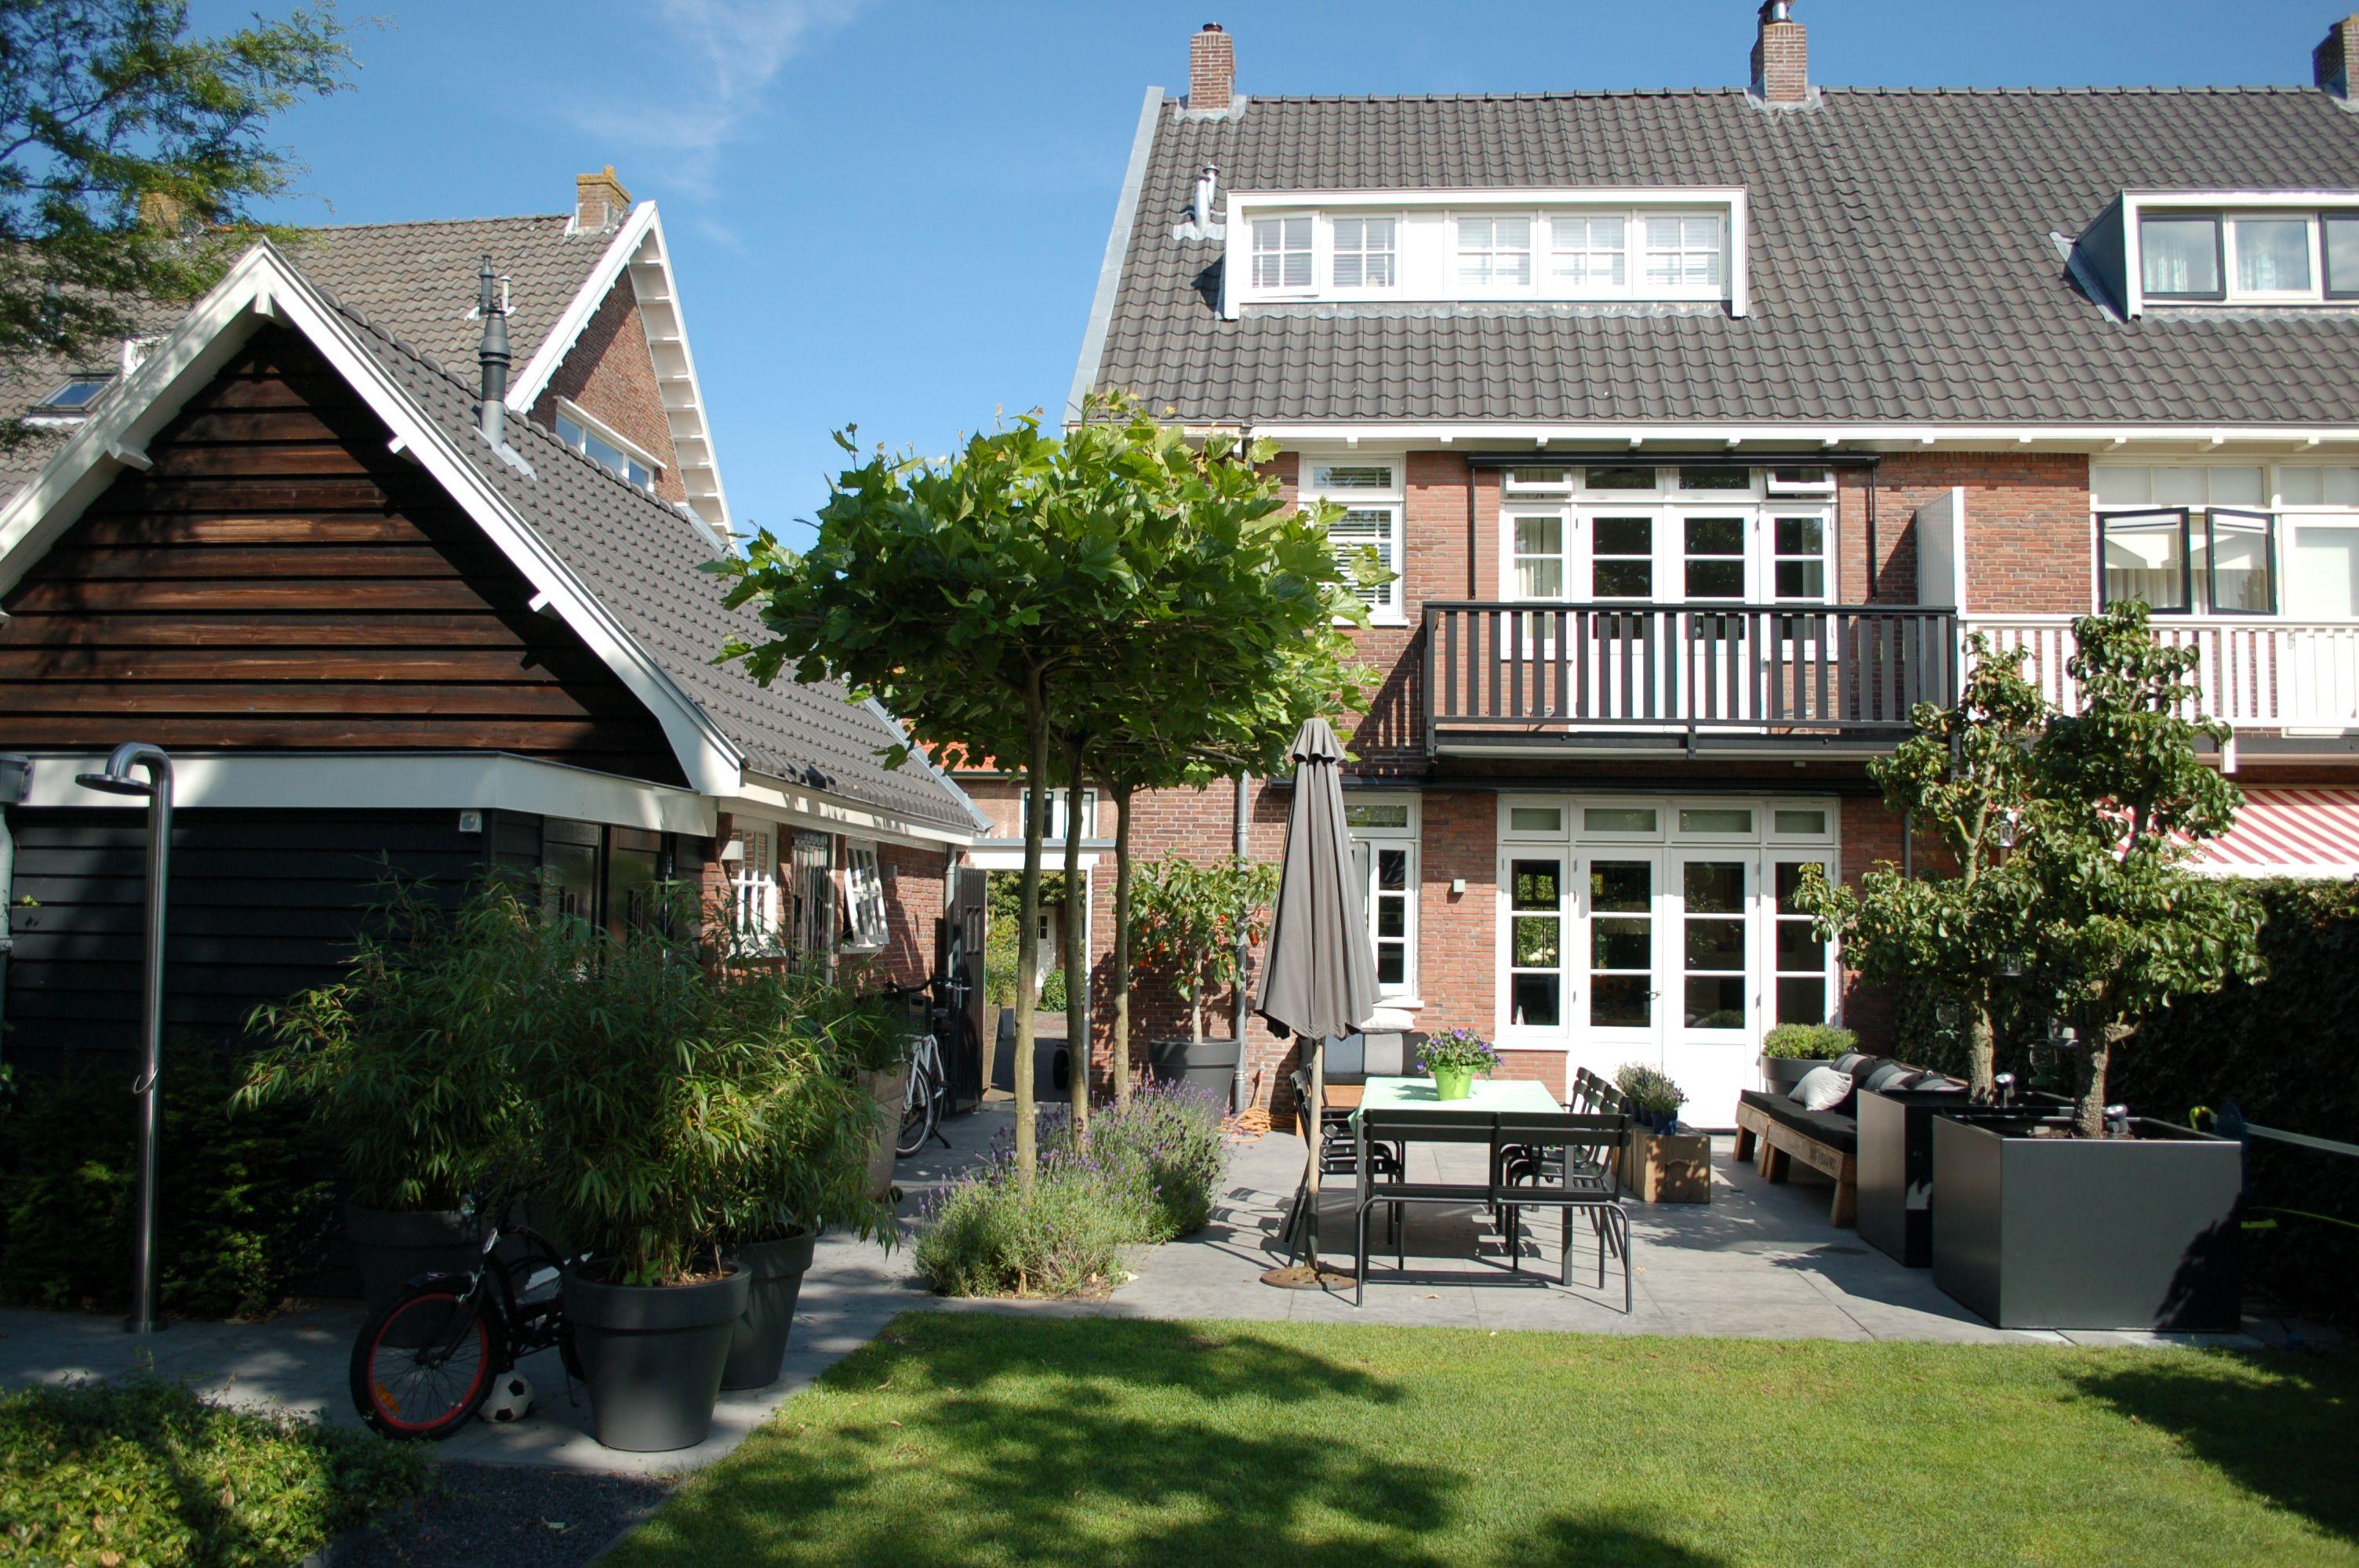 Strakke gezellige achtertuin in heemstede ontwerp en for Tuinontwerp heemstede